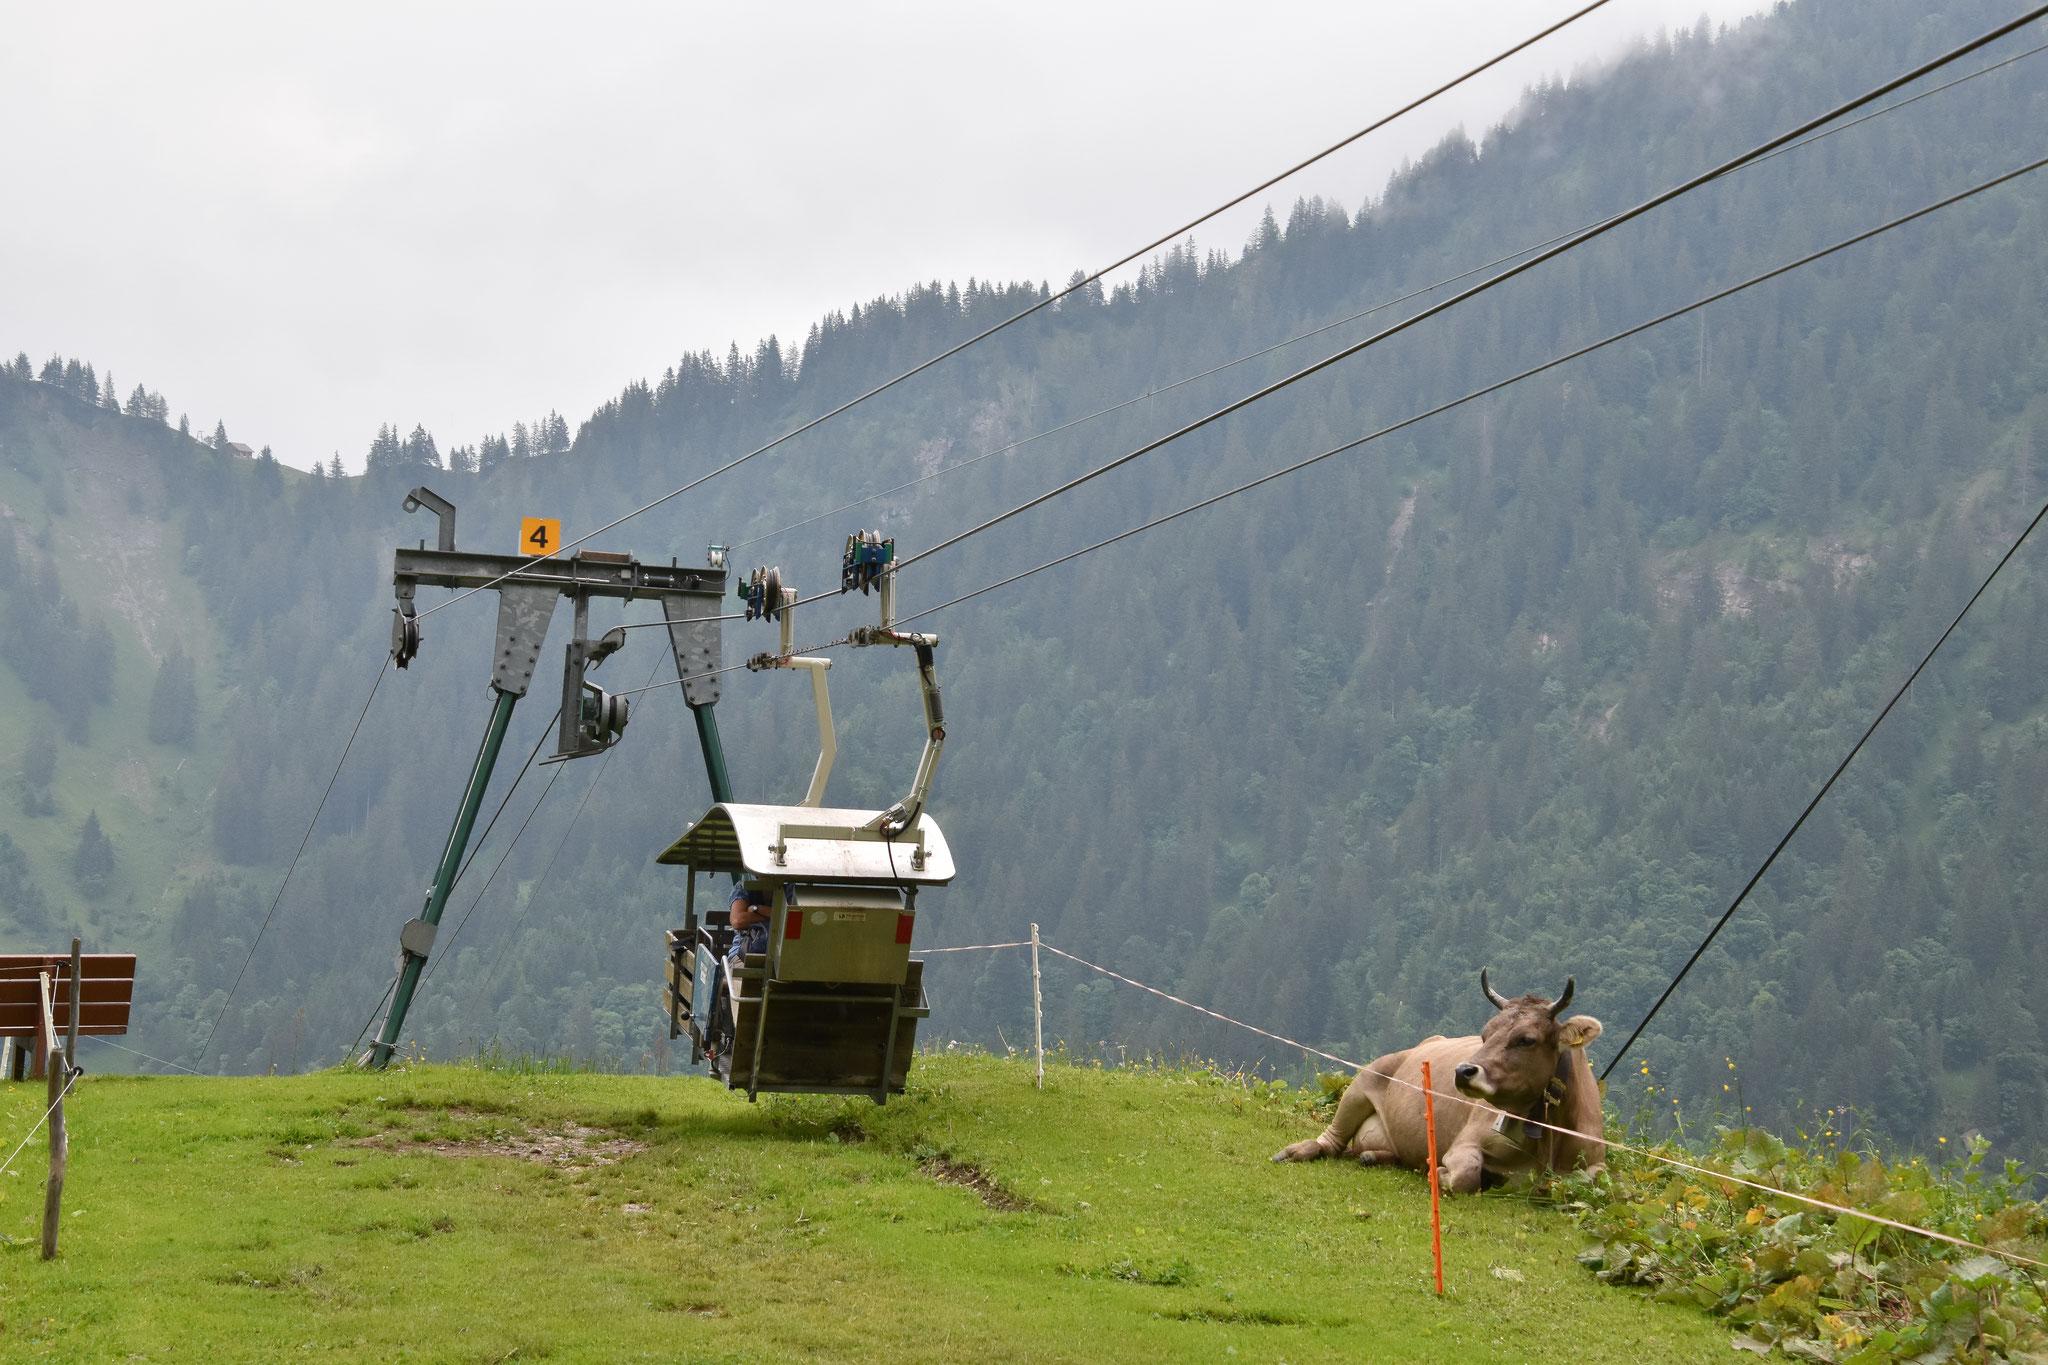 Die luftige Seilbahn für vier Personen, die zur Alp führt.